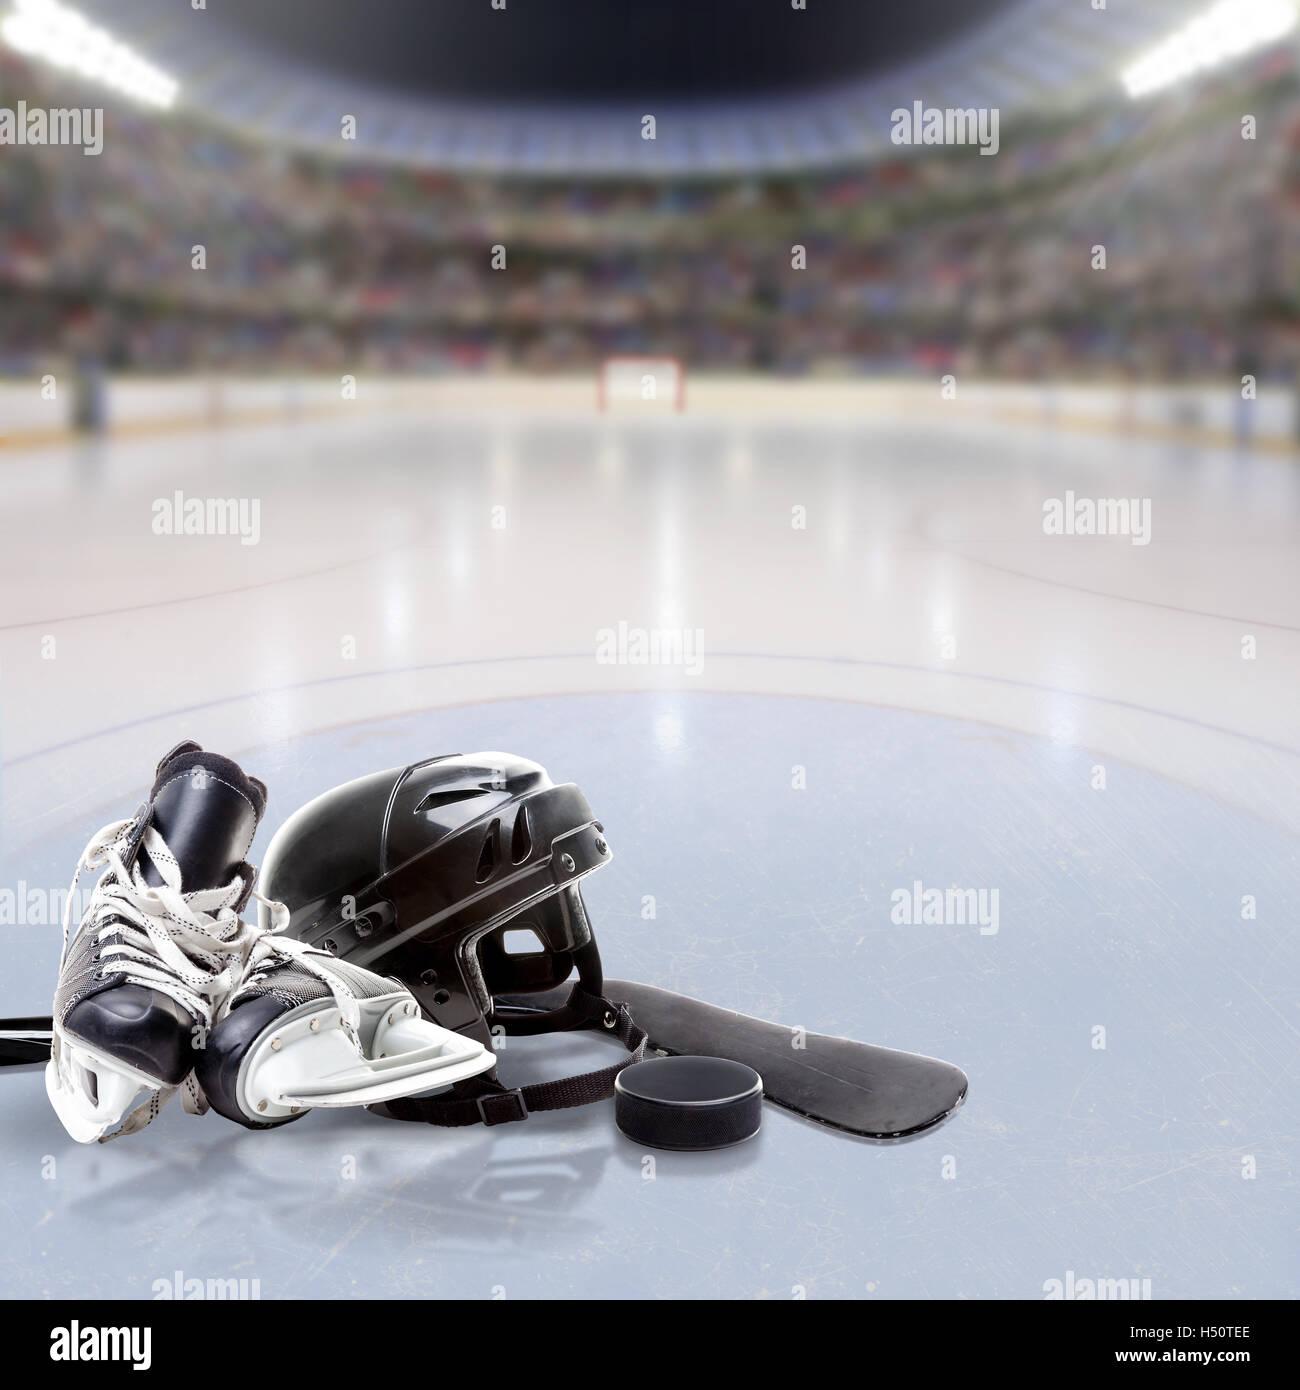 Aréna pleine de fans dans les peuplements avec casque, patins, d'un bâton et rondelle lors de la glace Photo Stock